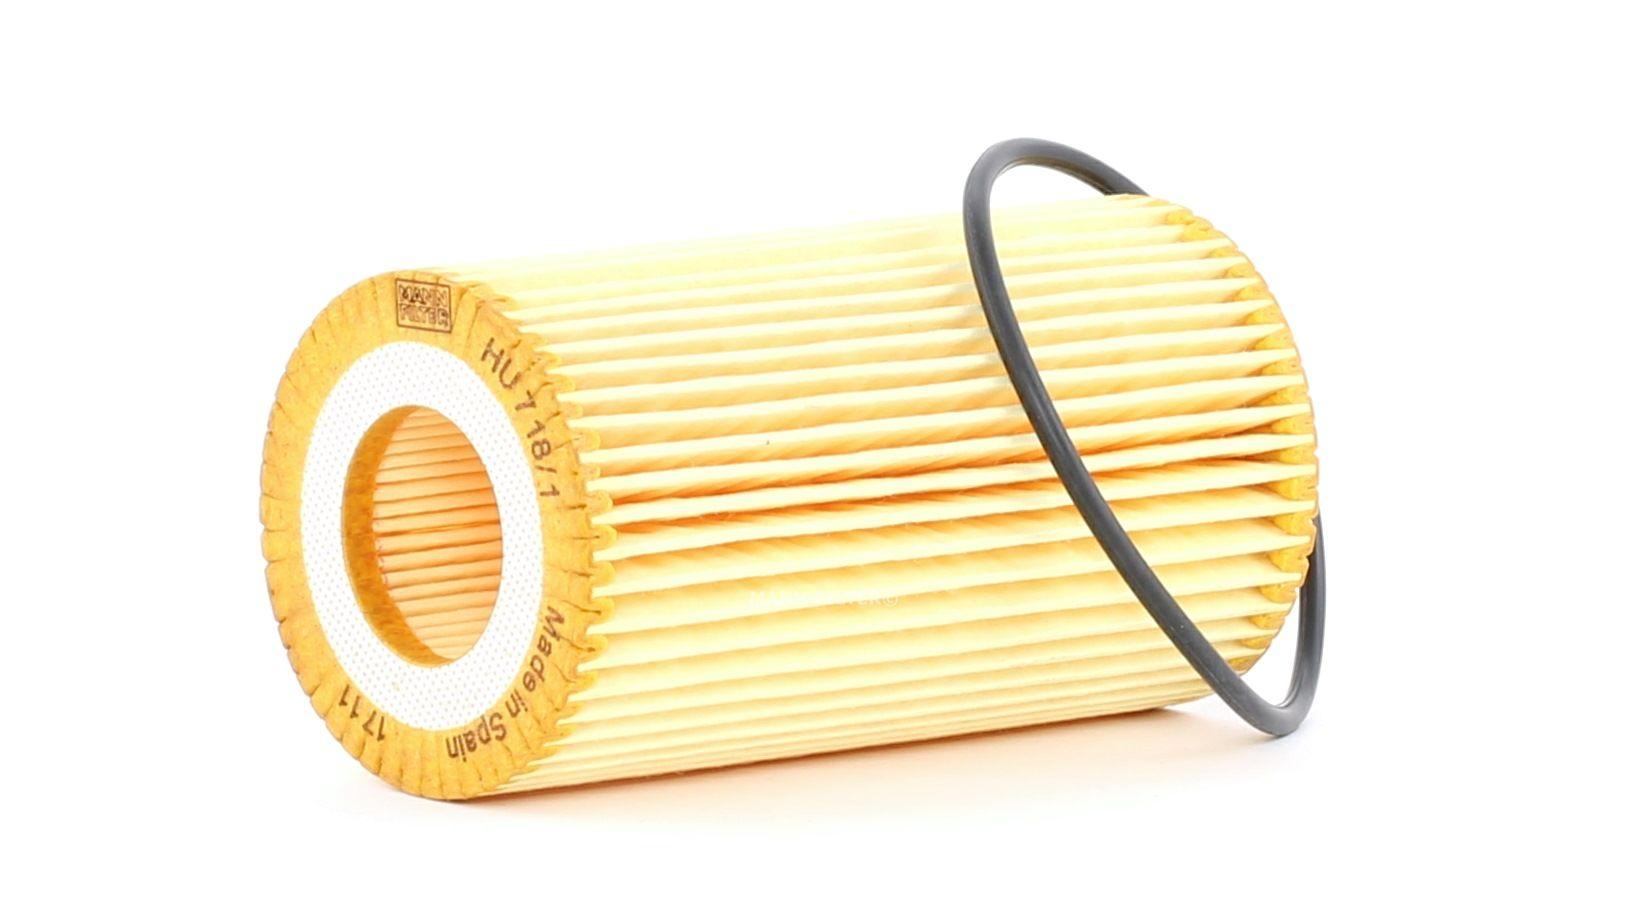 Pirkti HU 718/1 n MANN-FILTER su tarpikliais / sandarikliais, filtro įdėklas vidinis skersmuo: 31mm, vidinis skersmuo 2: 31mm, Ø: 64mm, aukštis: 115mm Alyvos filtras HU 718/1 n nebrangu